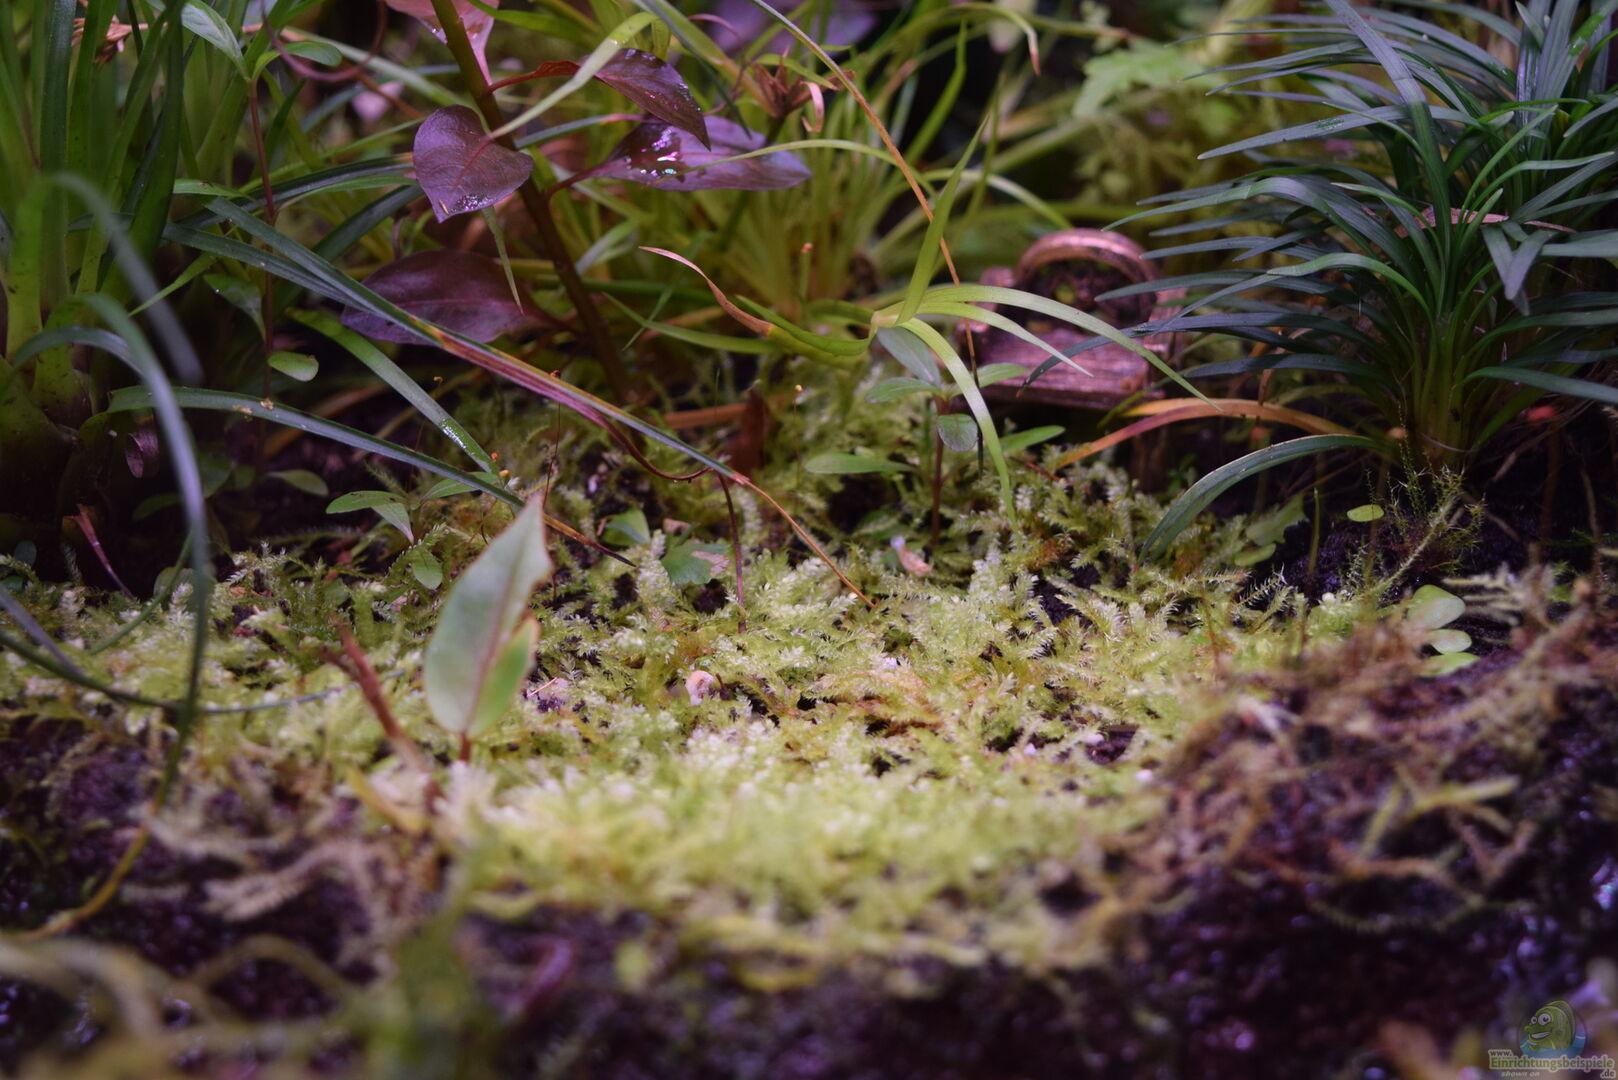 pflanzen im aquarium a river runs through it aus a river runs through it von junglist. Black Bedroom Furniture Sets. Home Design Ideas